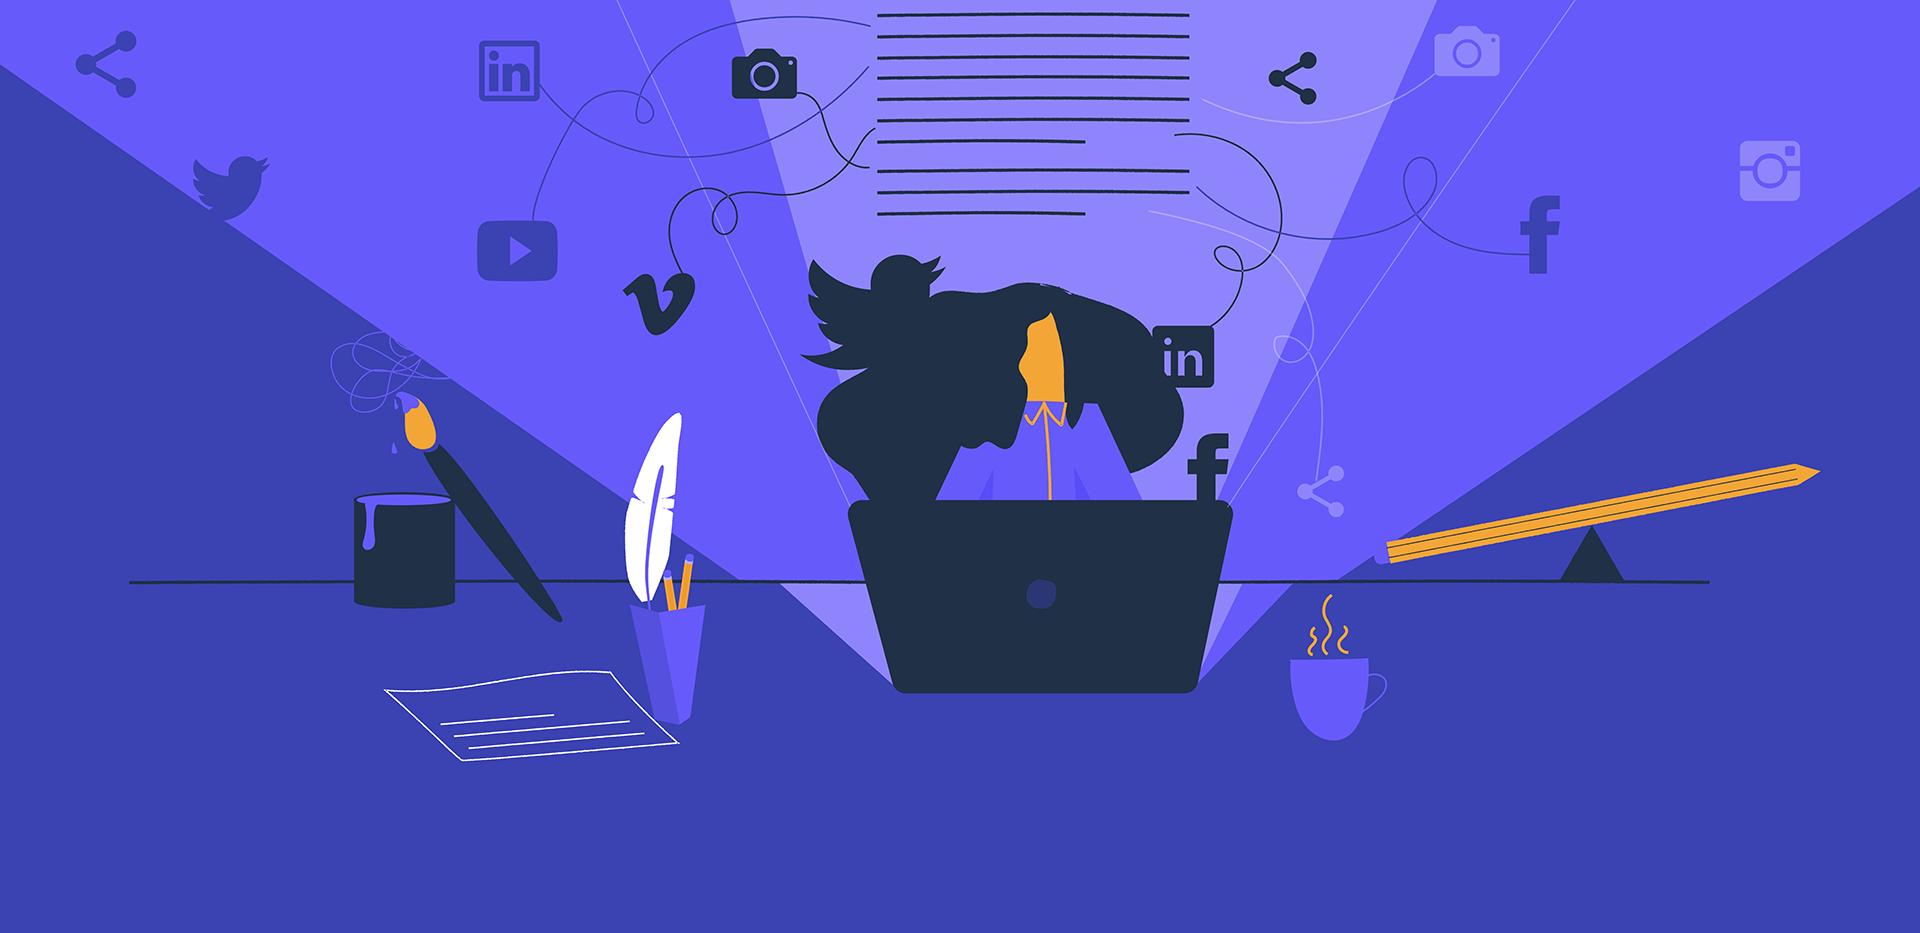 Social media press release - kiedy włączasz drugi bieg?